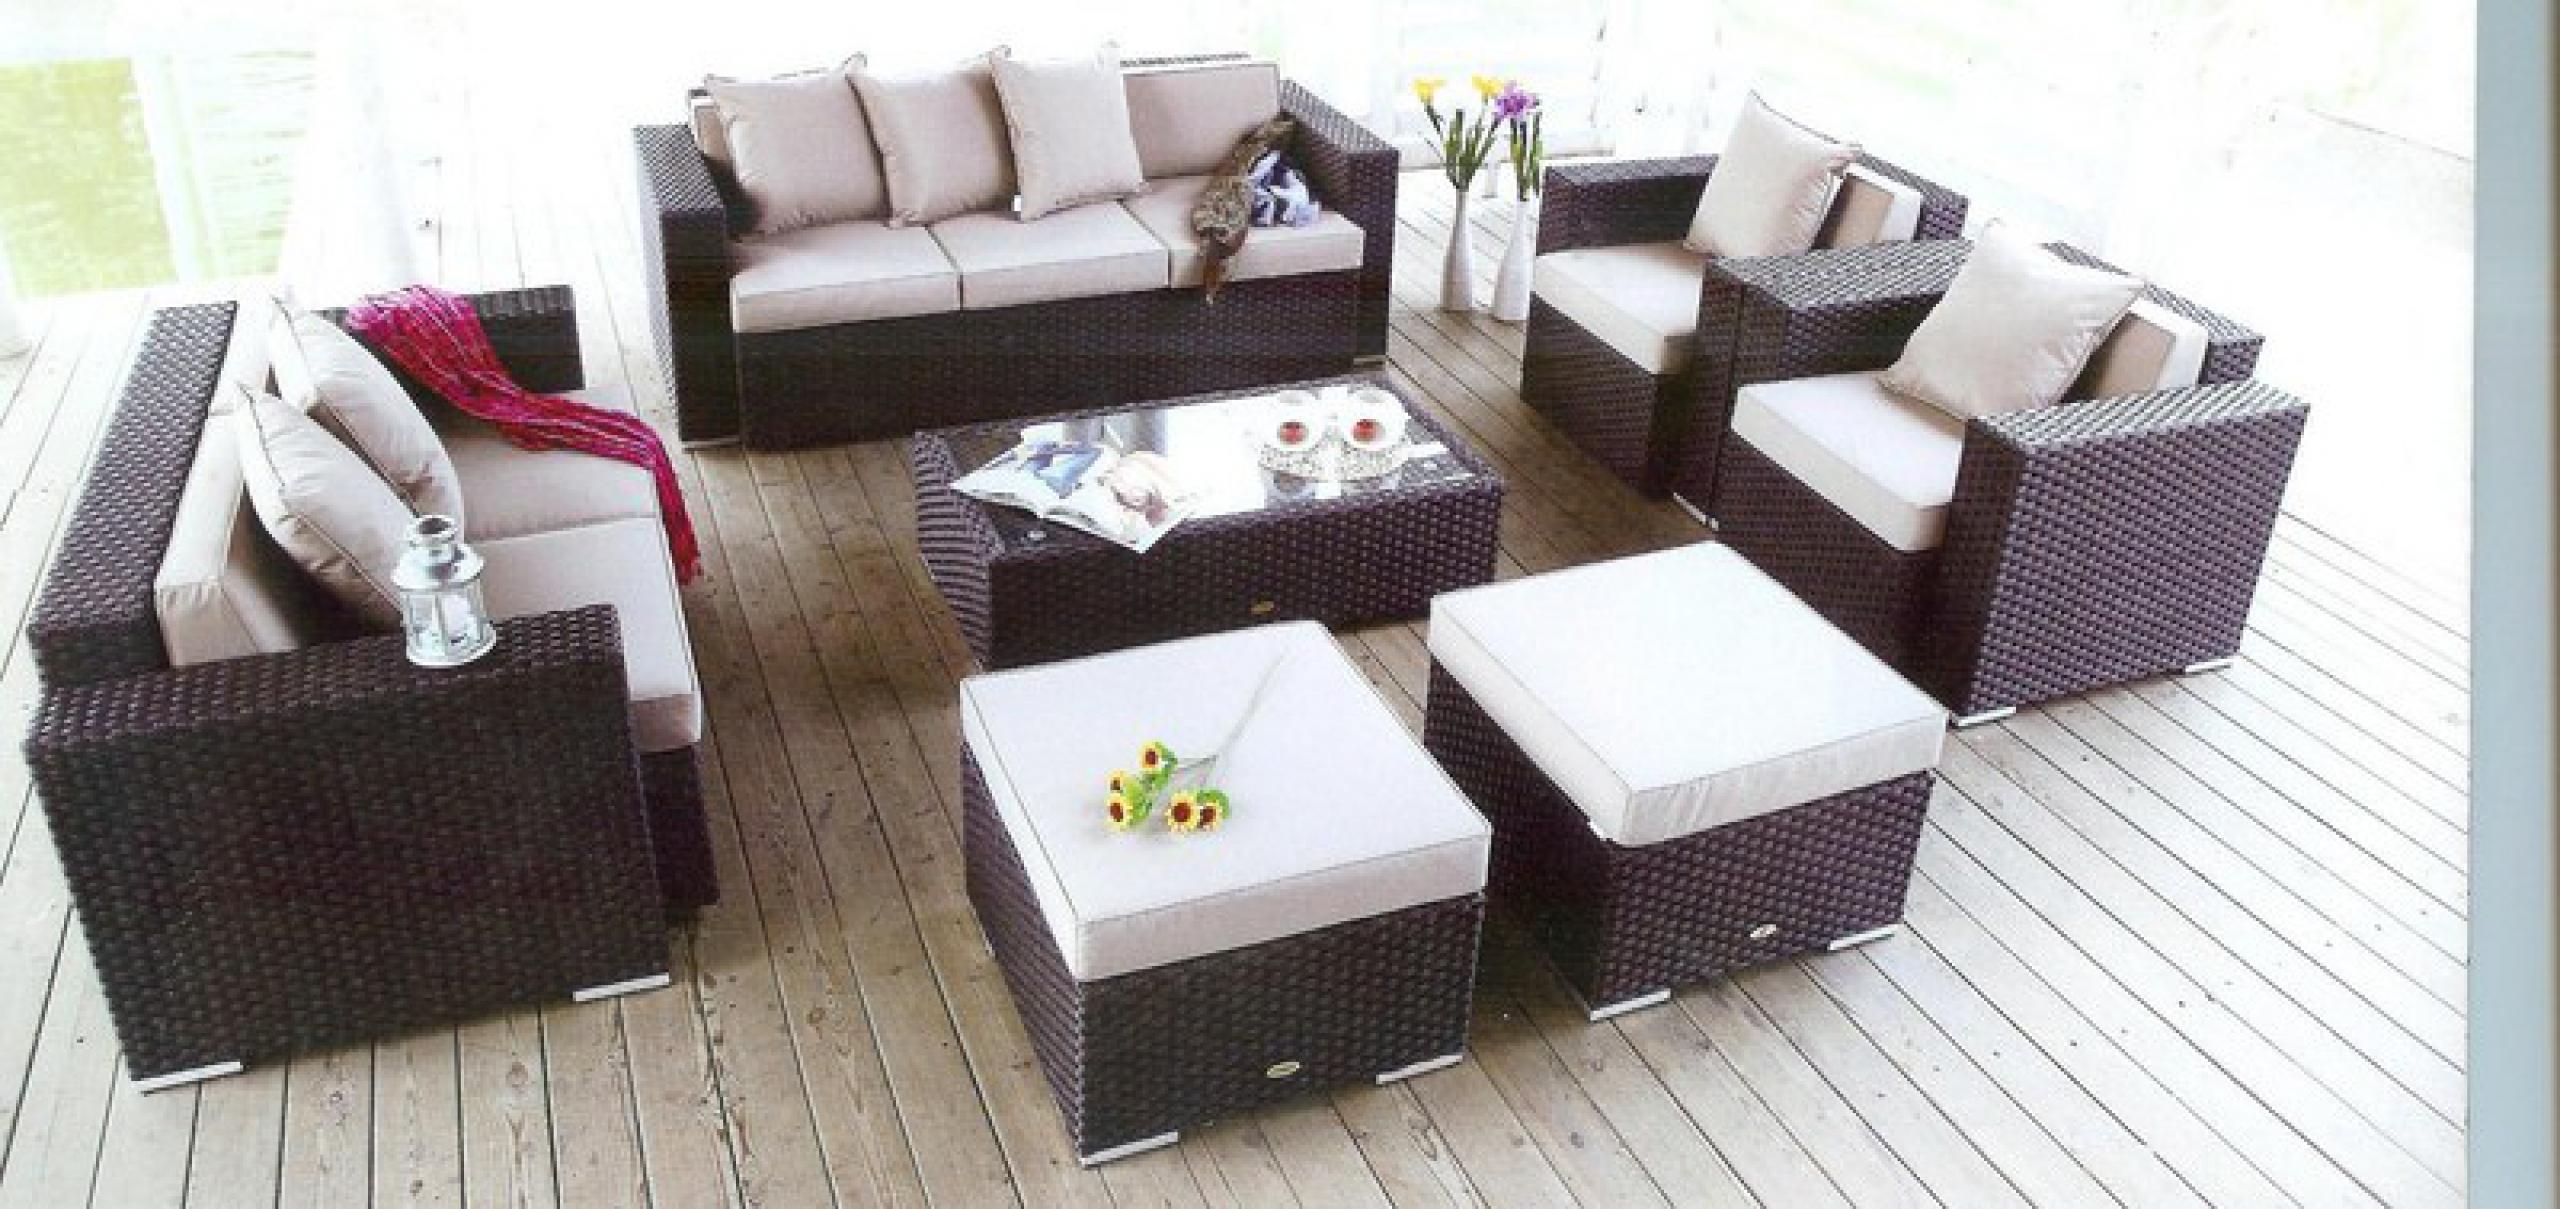 partenaires et liens utiles arc immobilier. Black Bedroom Furniture Sets. Home Design Ideas